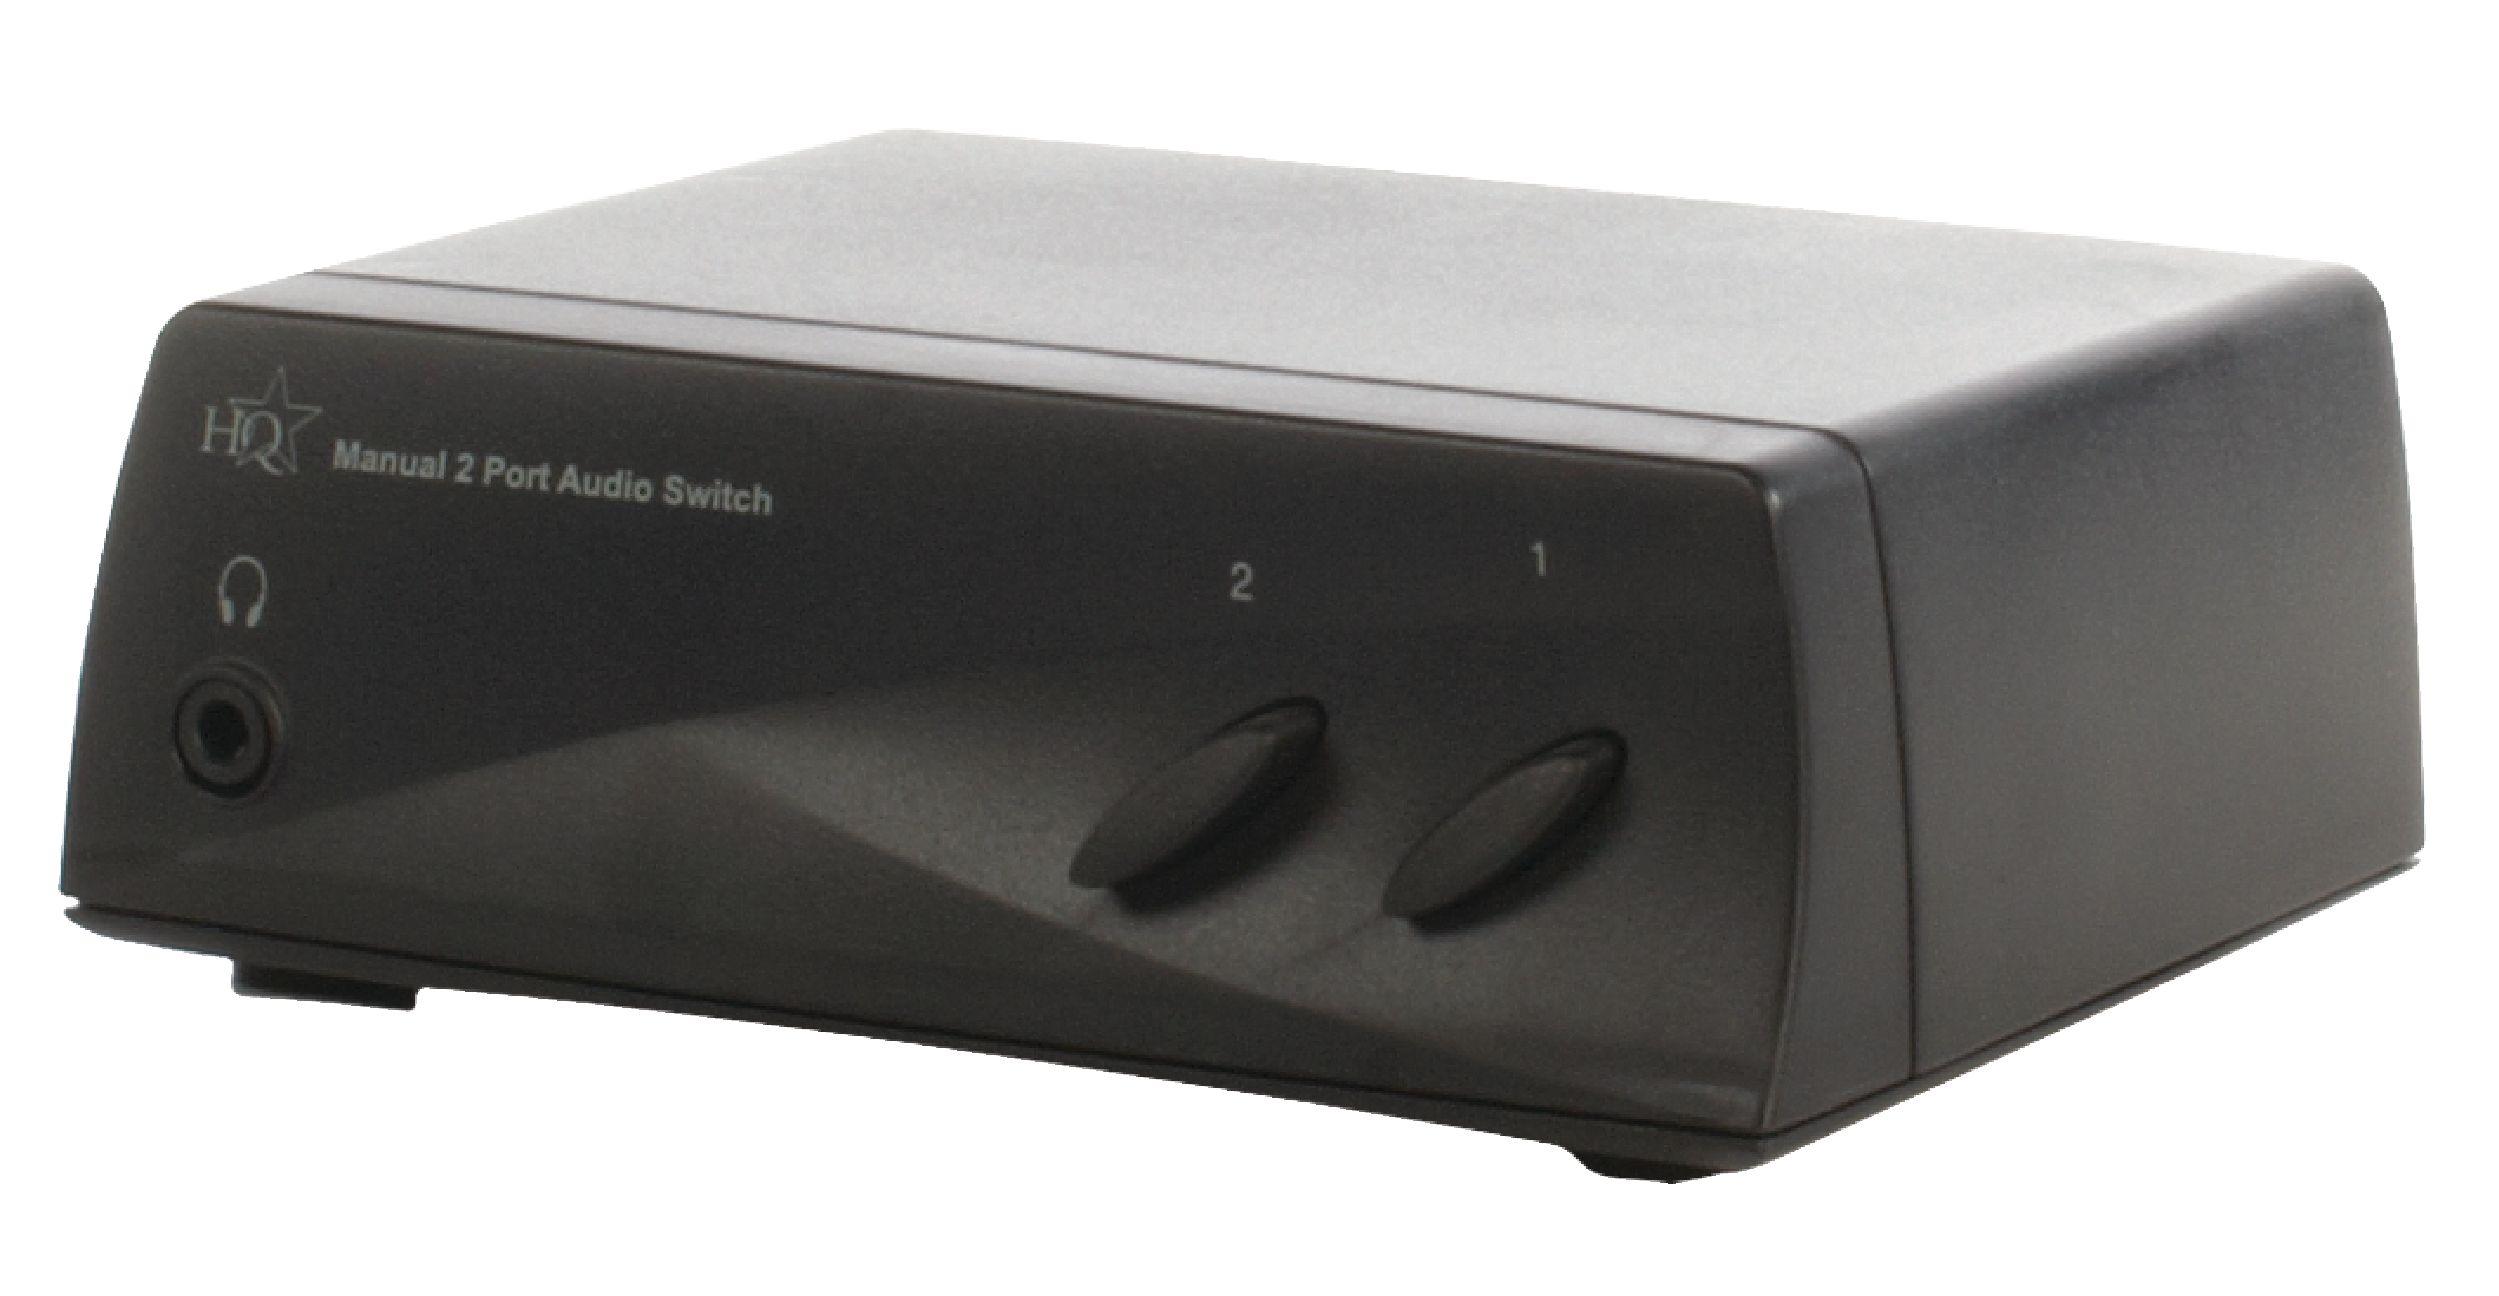 Audio přepínač manuální se 2 porty HQ, HQSW-AV100